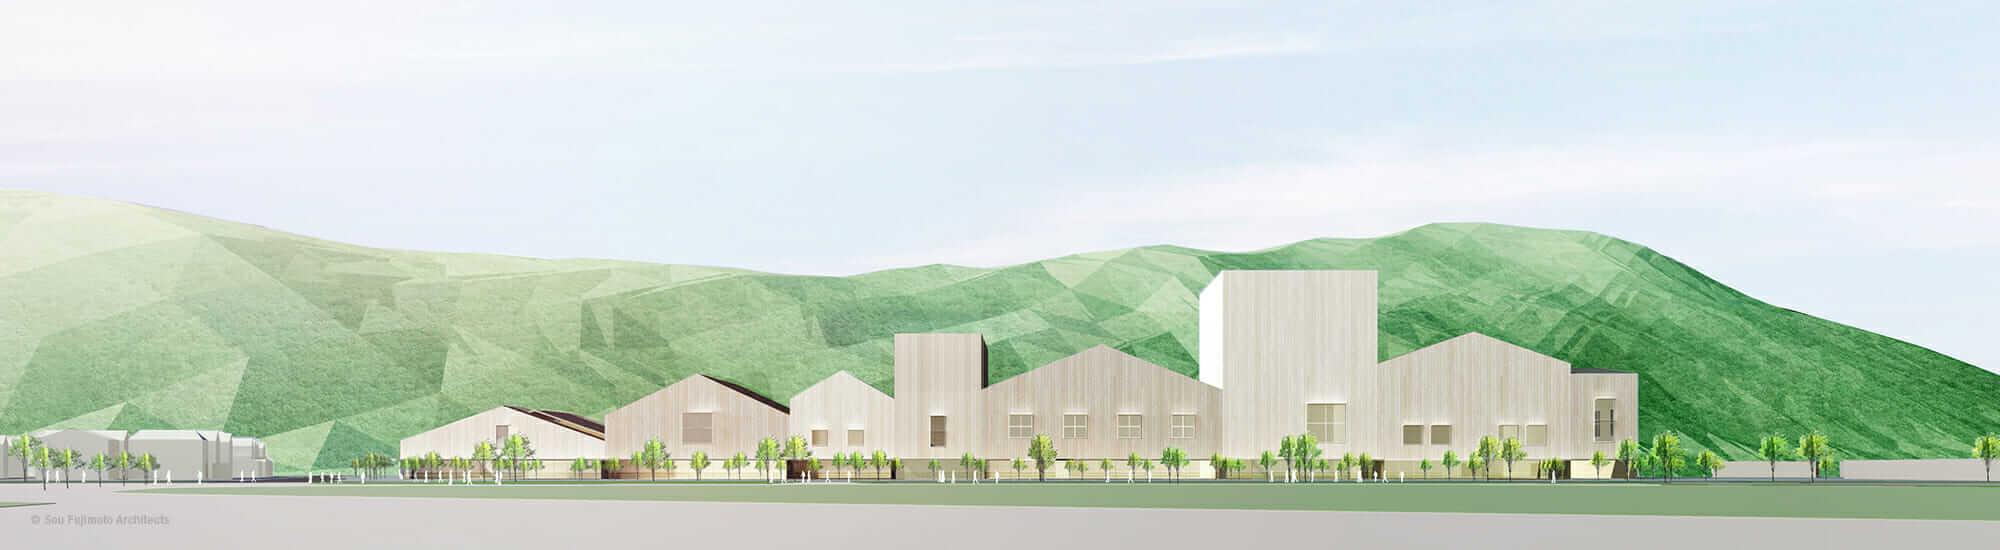 建築 未来 藤本壮介 石巻市複合文化施設 (仮称)